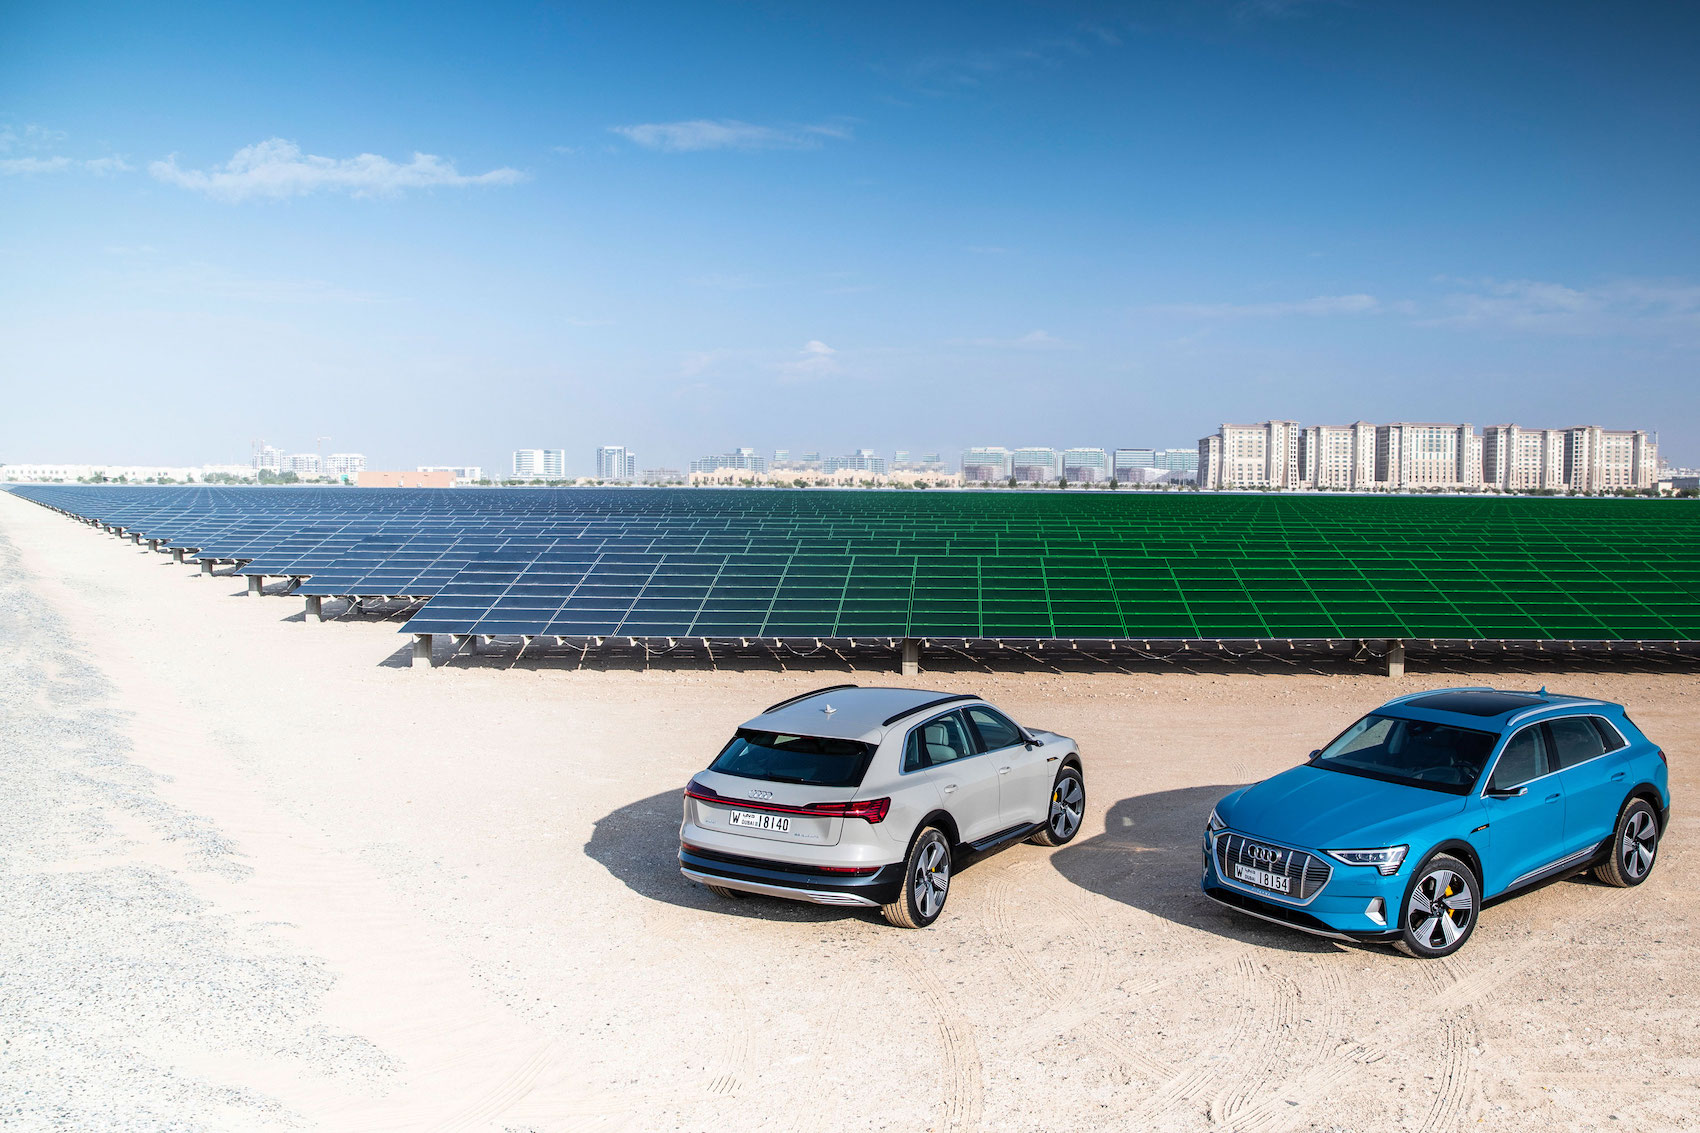 Die grösste Photovoltaik-Anlage des Nahen Ostens in Masdar City im Emirat Abu Dhabi. (AUDI/Bearbeitung Brand Studio)